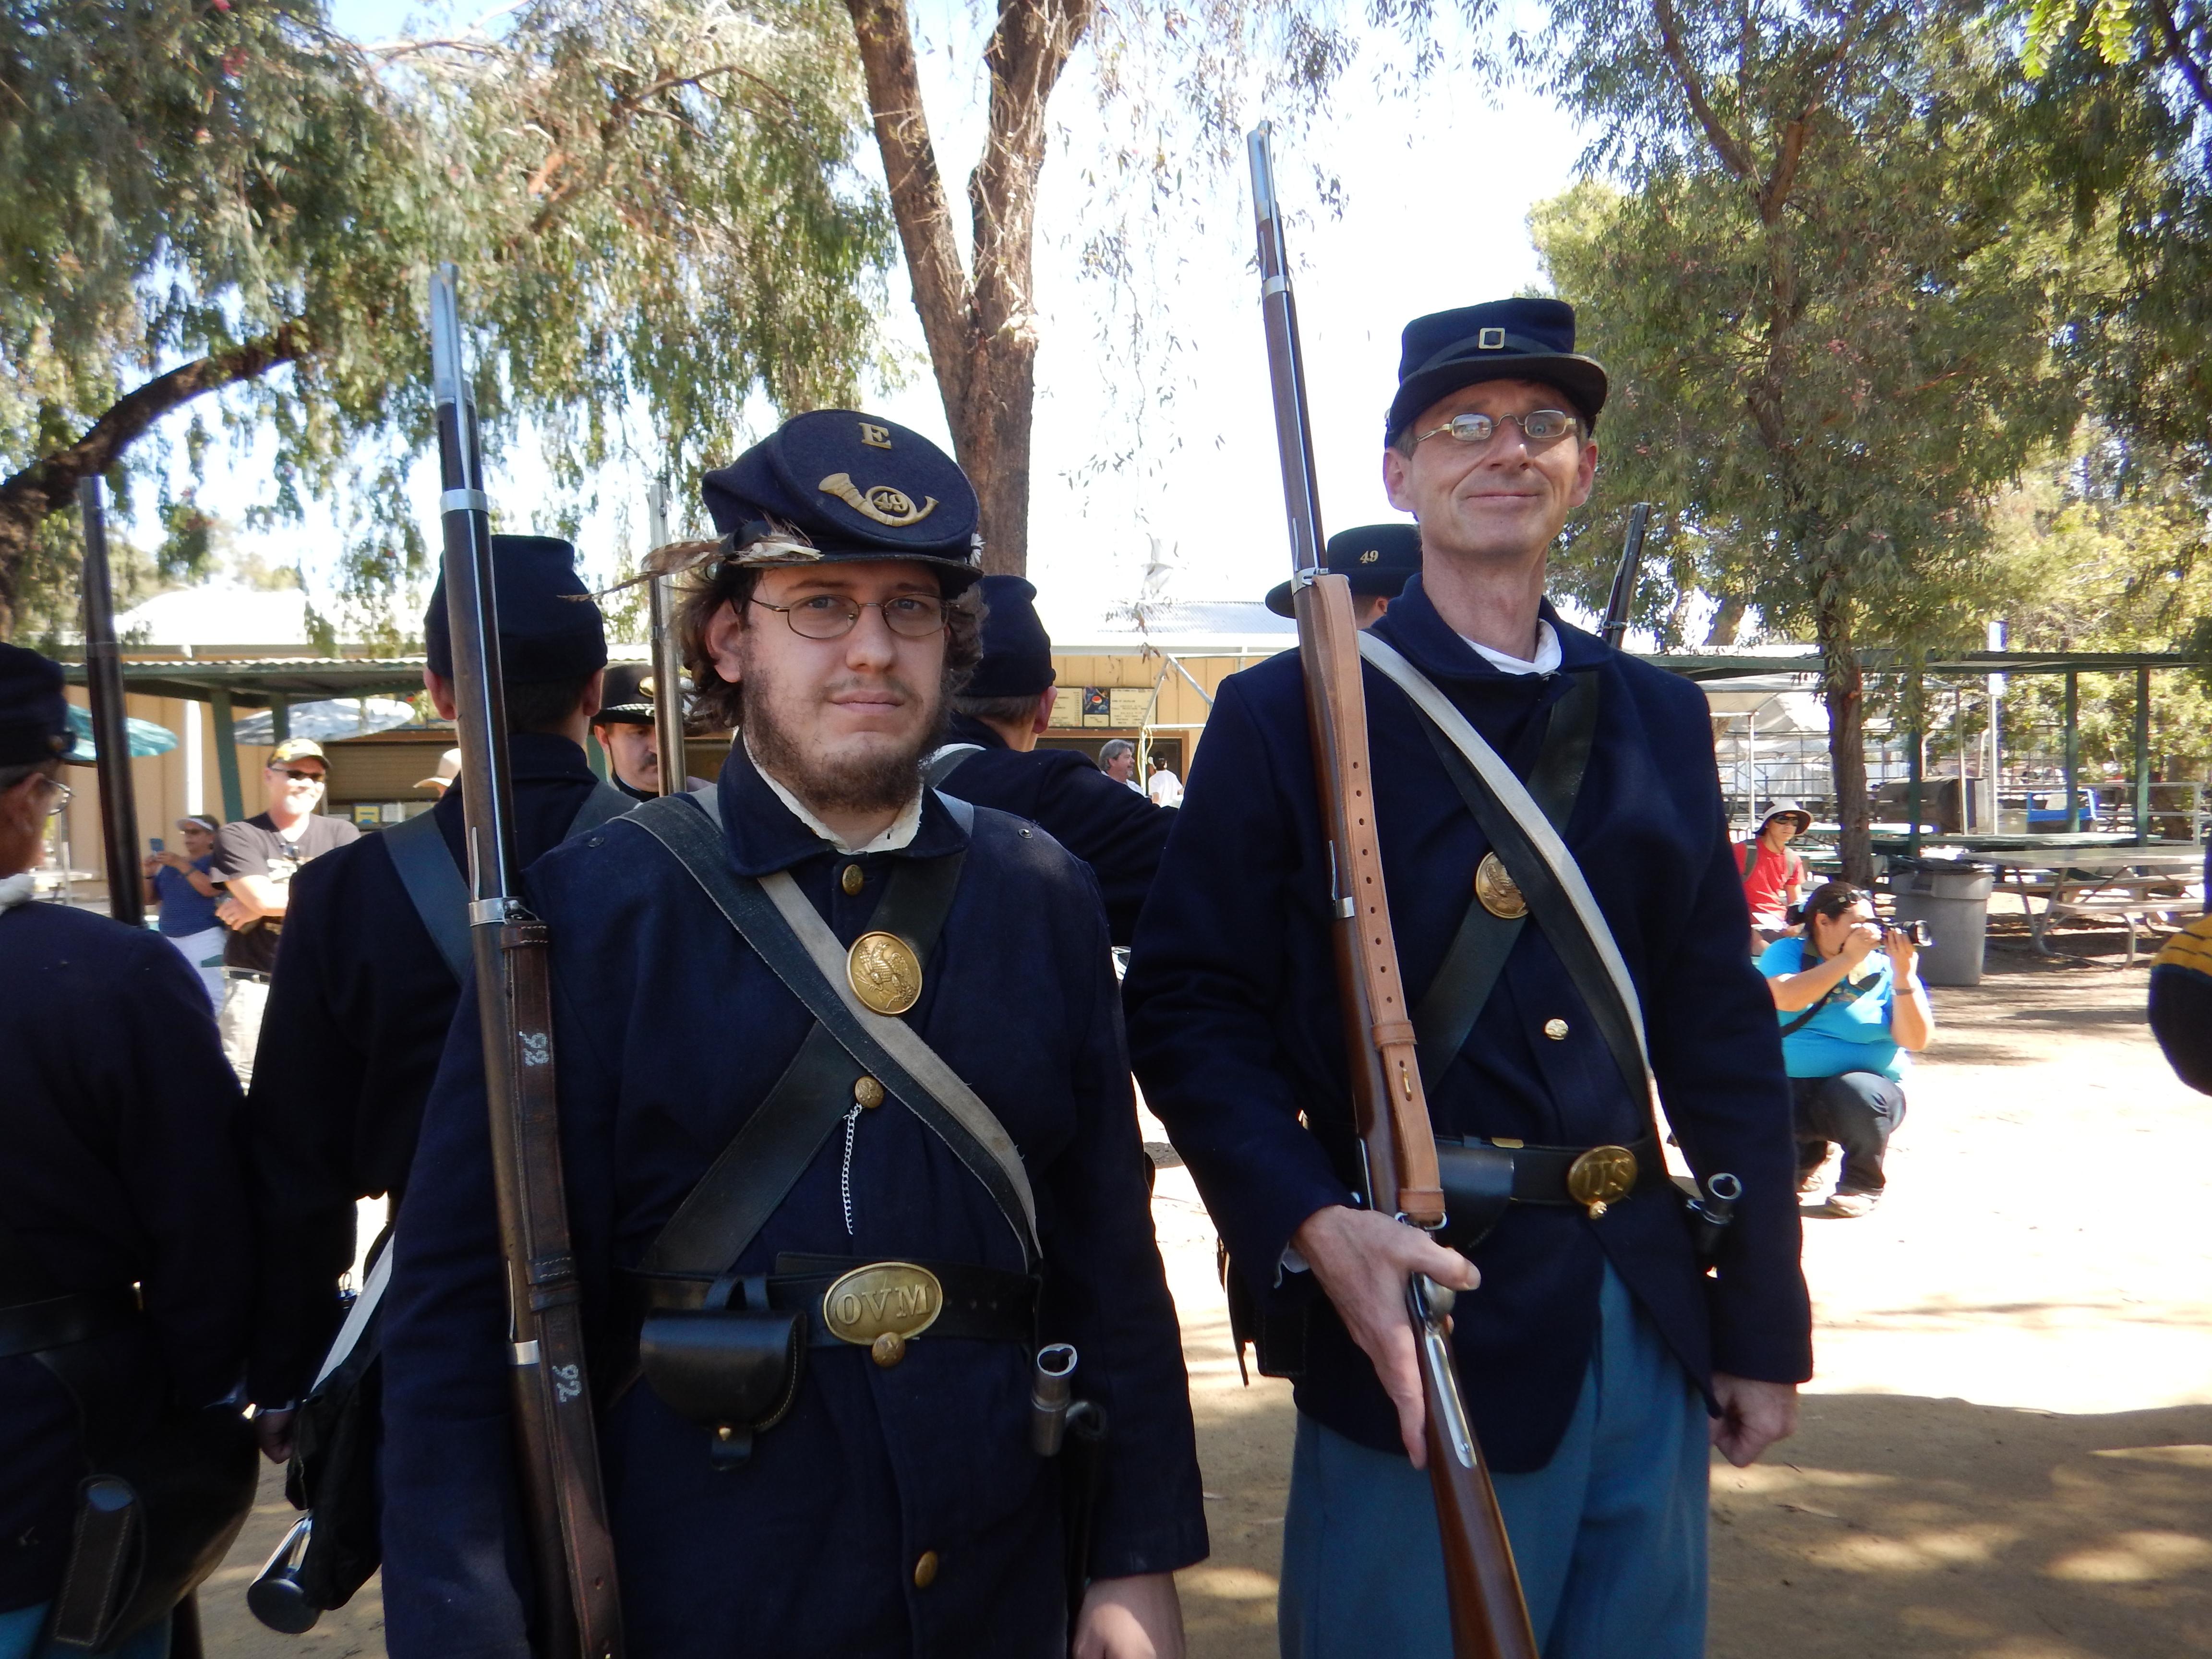 DSCN6319 Jesse and Steve